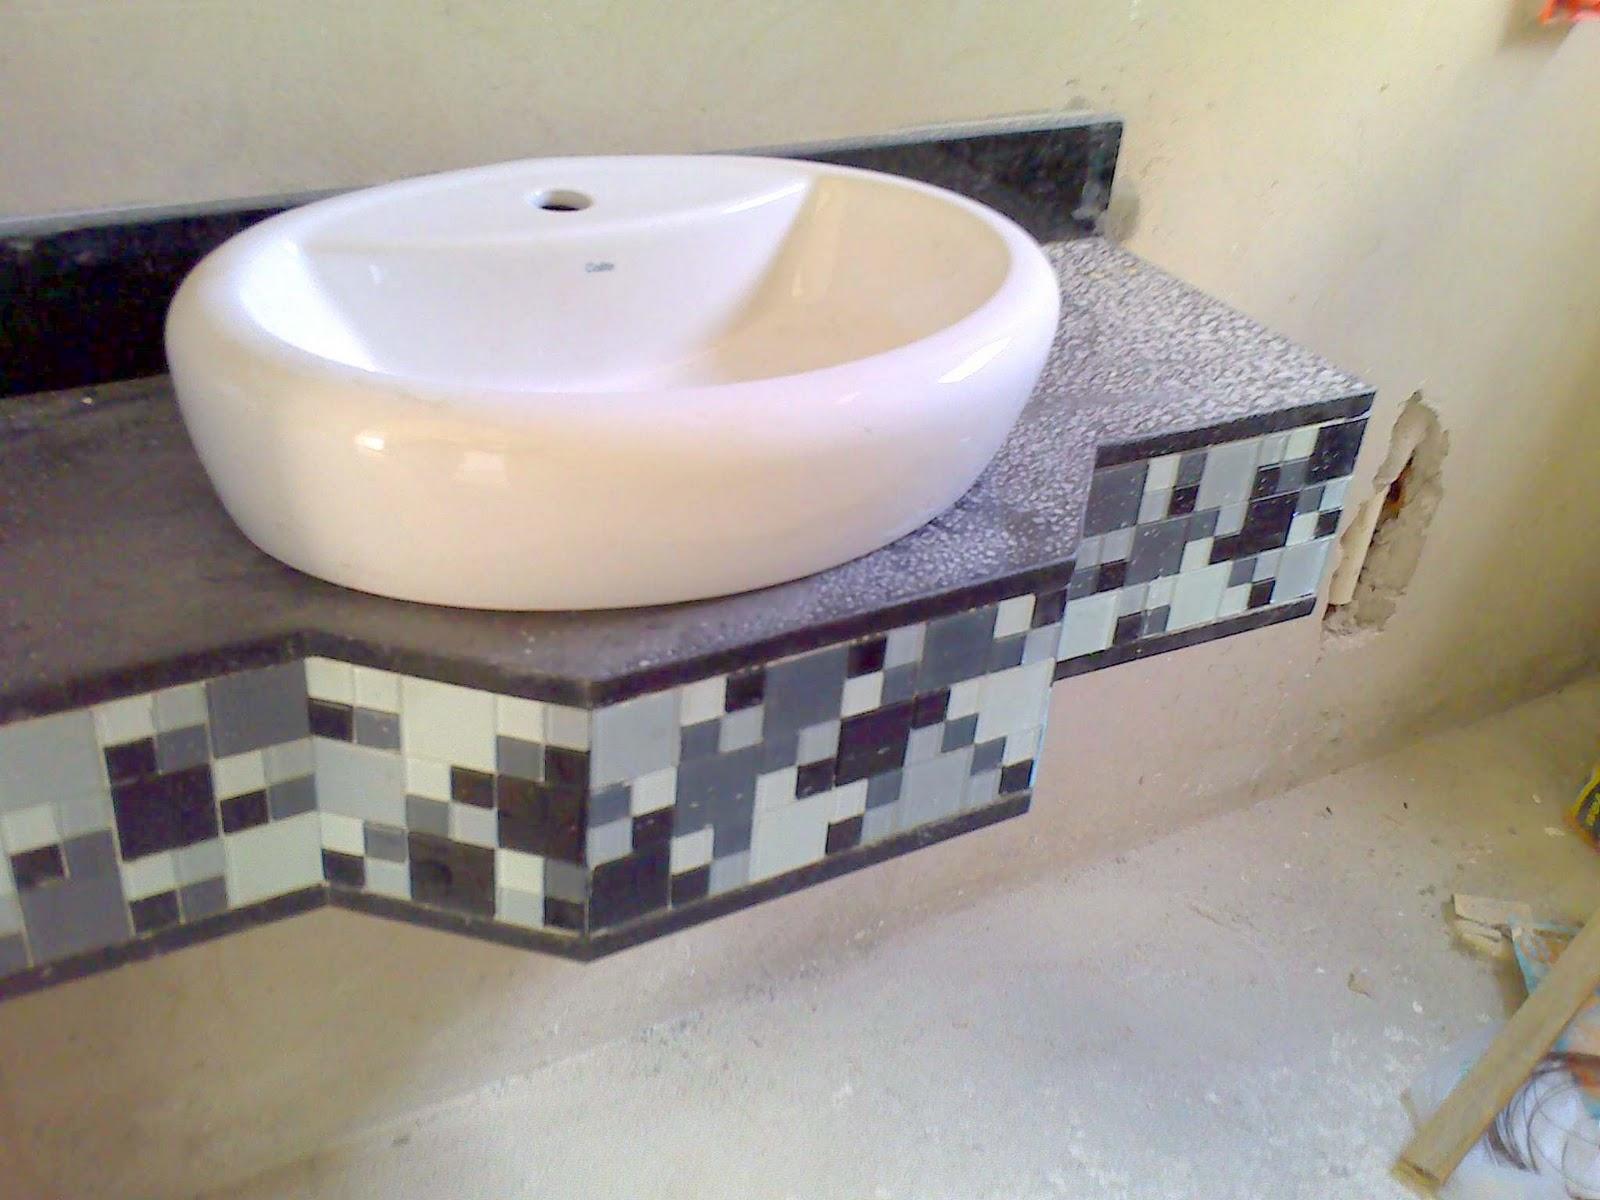 Bancadas de Granito Preto São Gabriel e pastilhas de vidro coloridas  #78694B 1600x1200 Banheiro Com Bancada De Granito